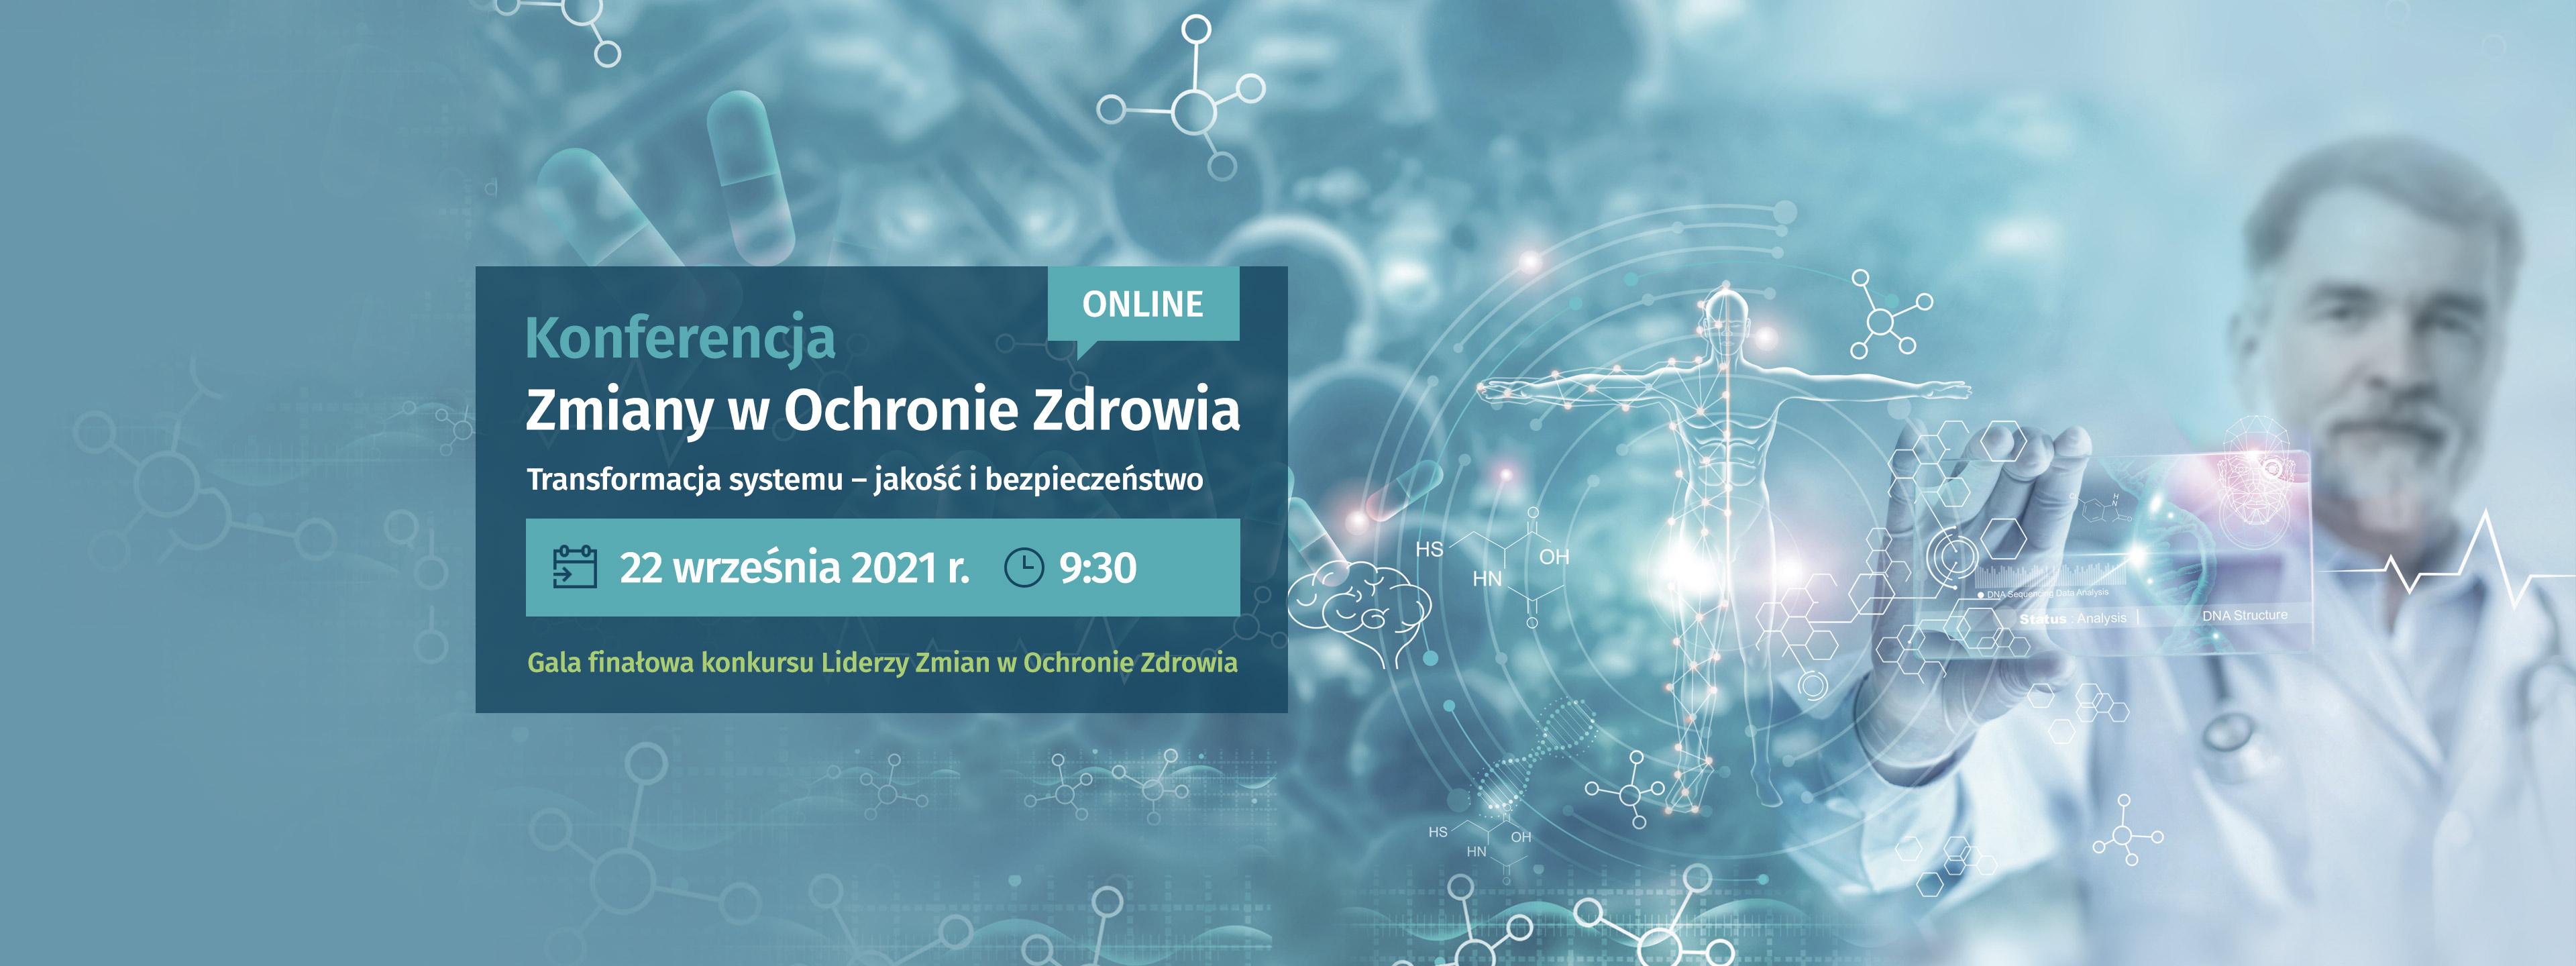 Konferencja Liderzy Zmian w Ochronie Zdrowia 2021